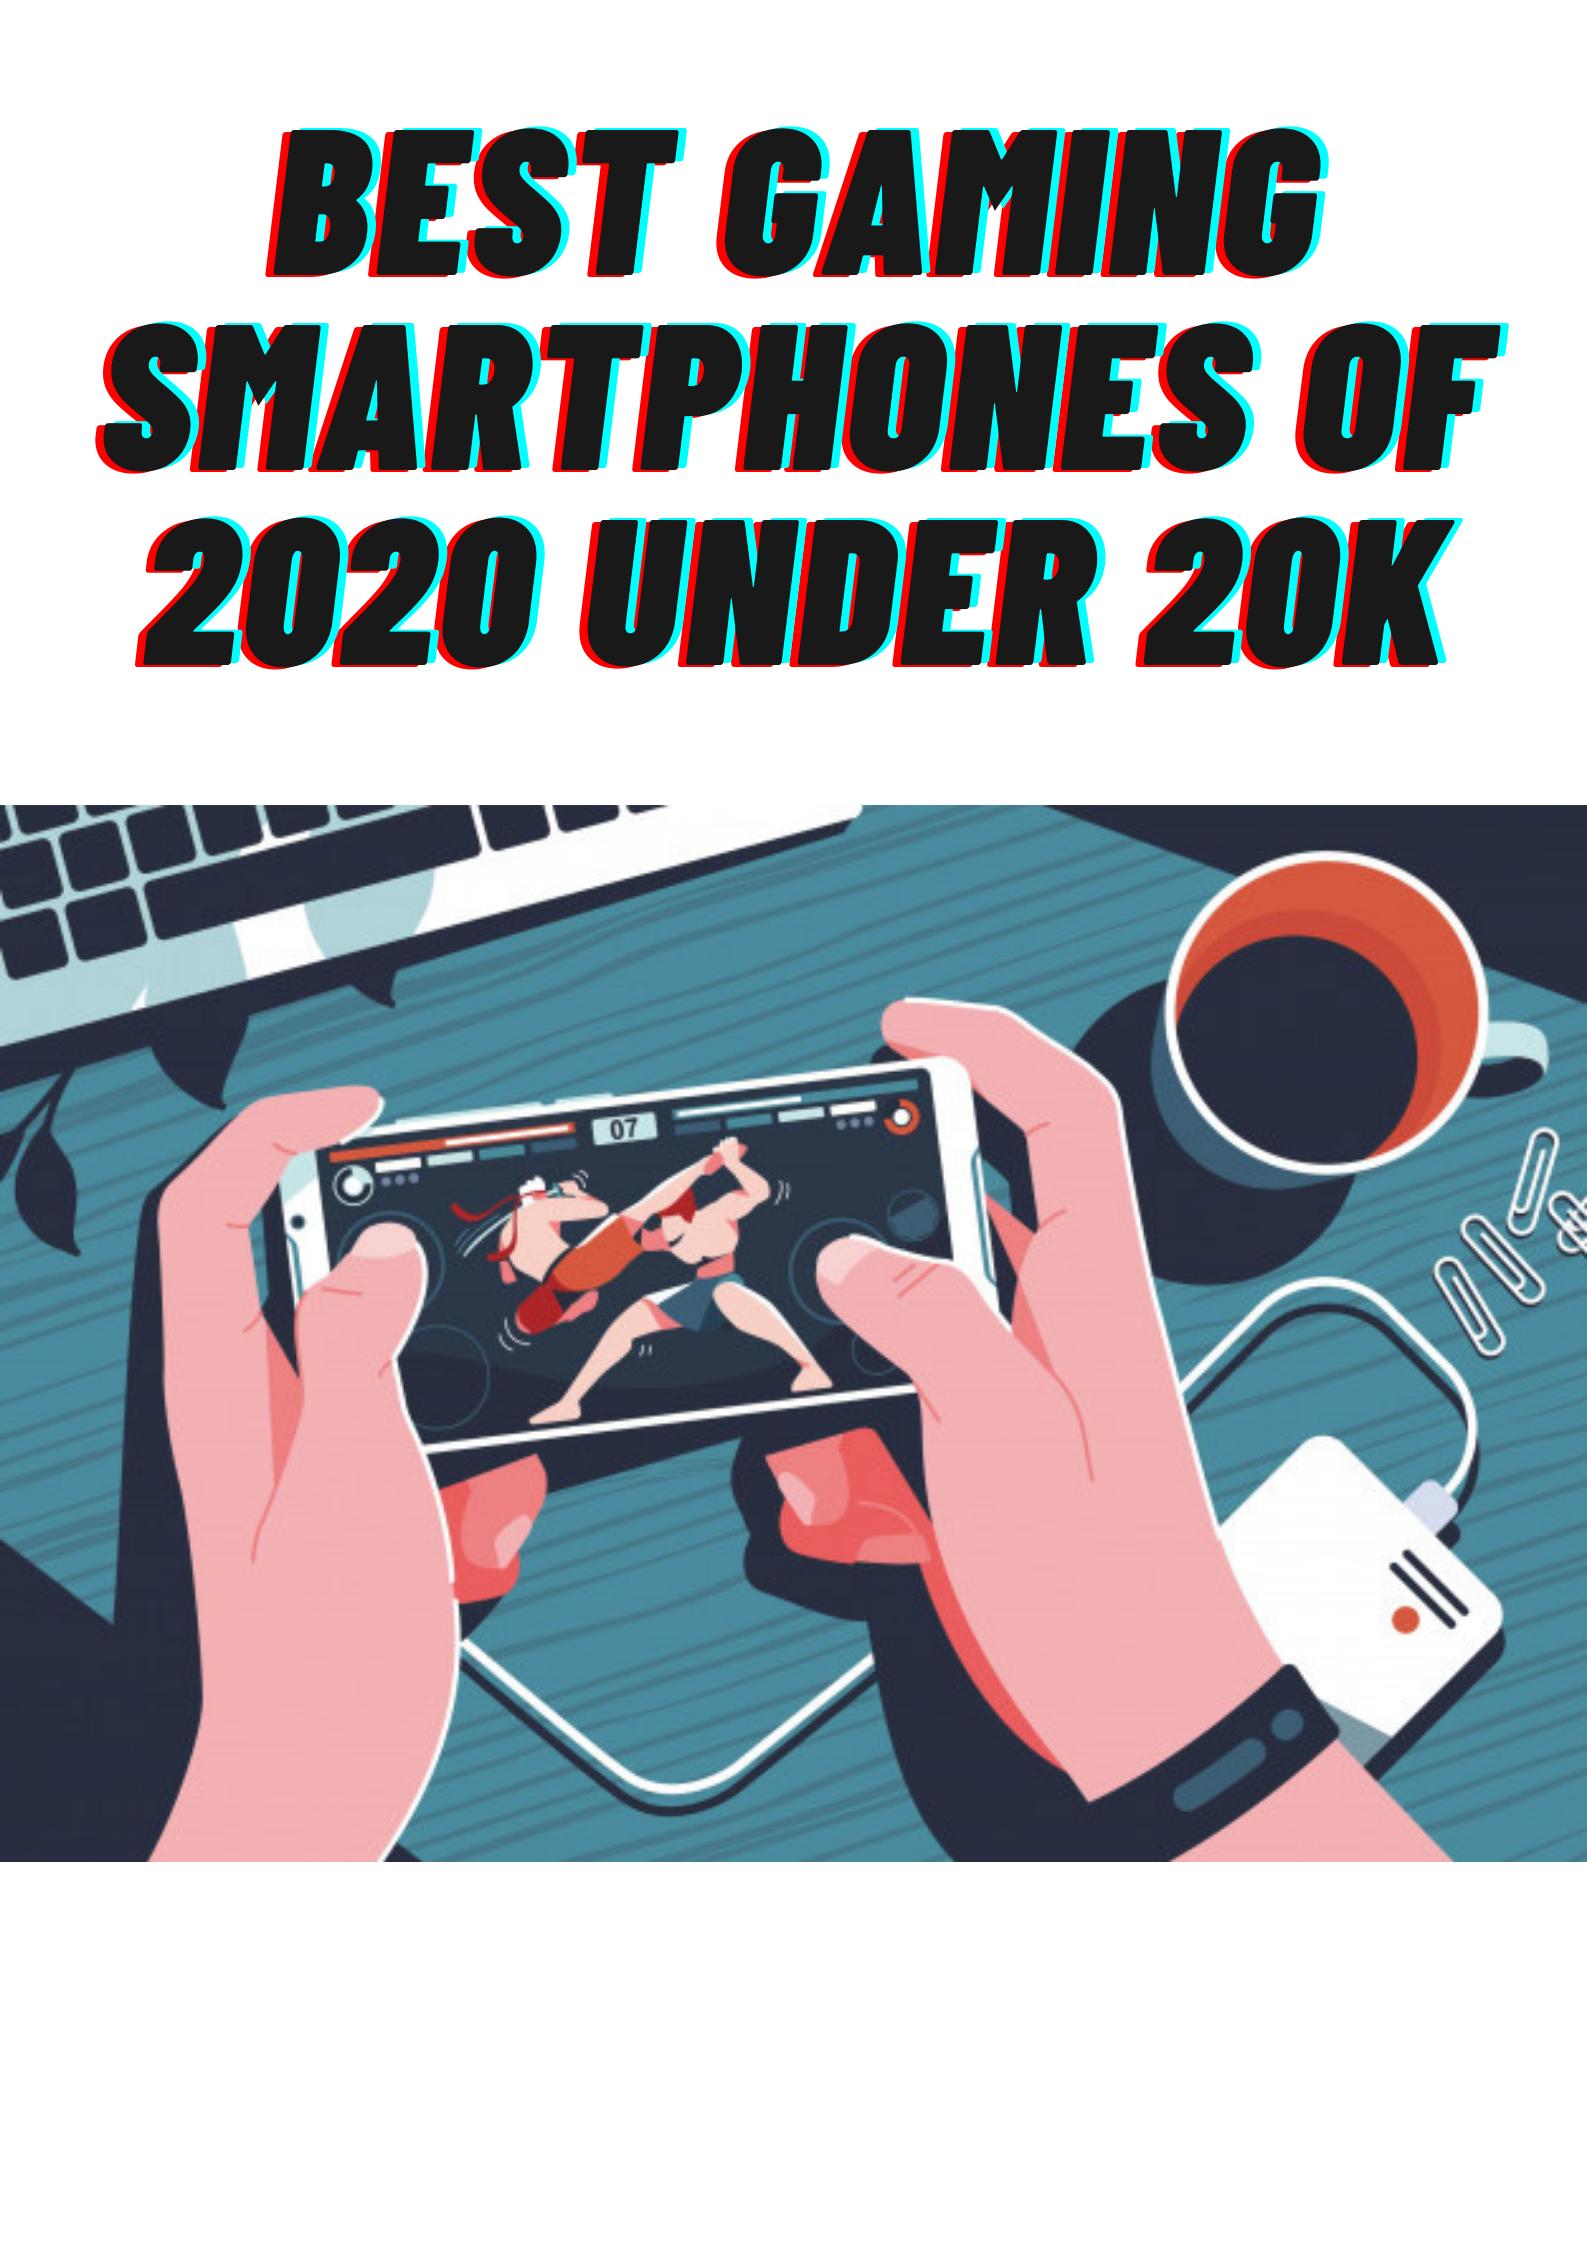 Best Gaming Smartphones of 2020 Under 20k